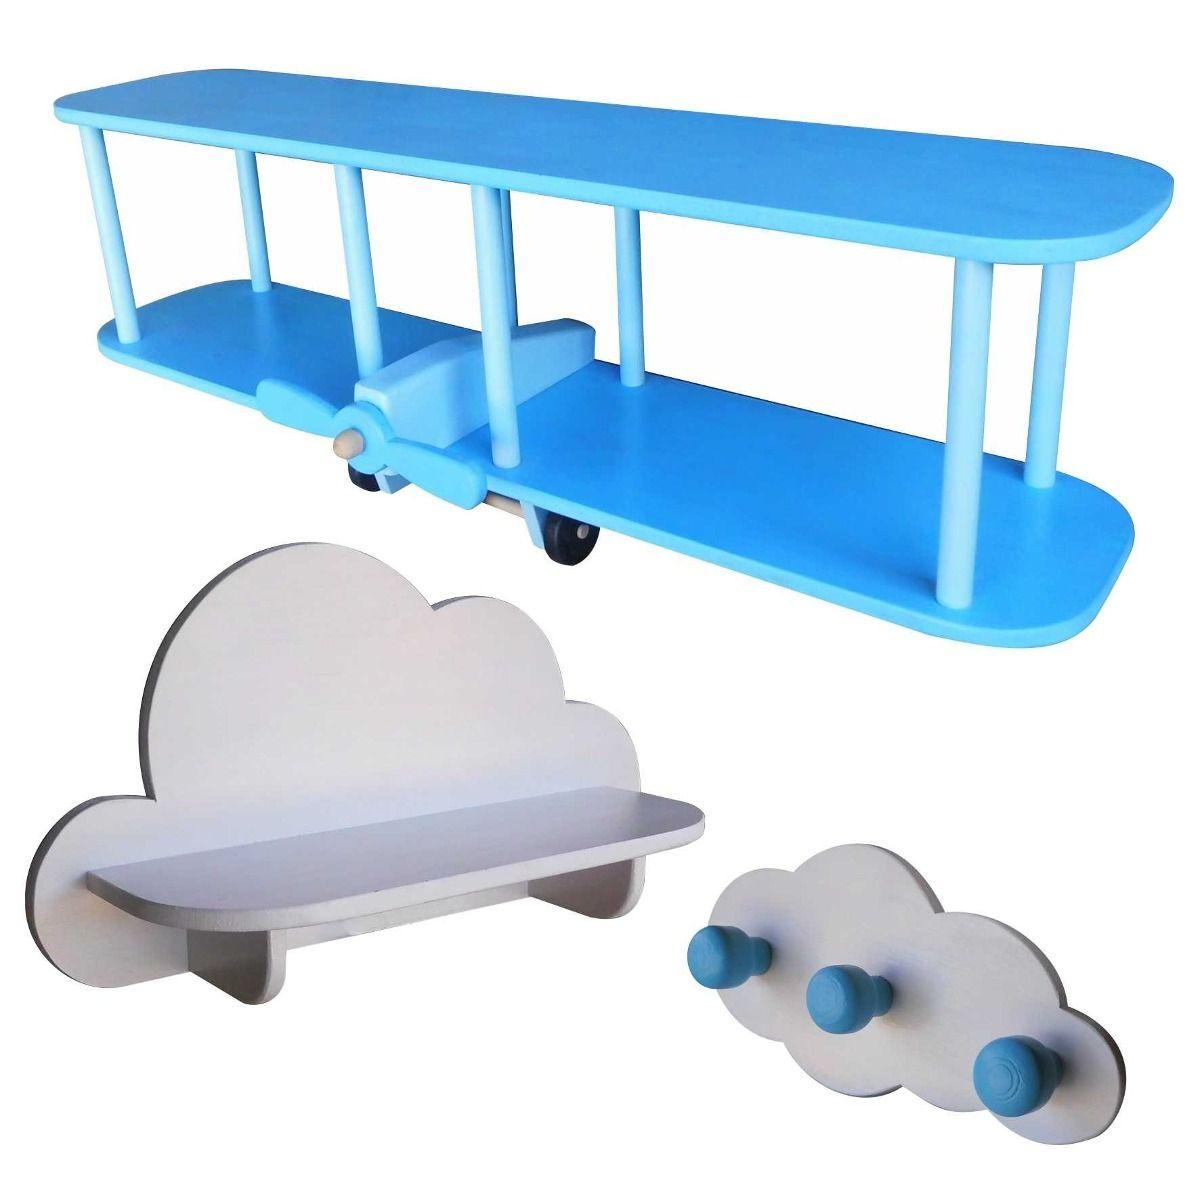 Repisa Perchero Infantil Estante Avi N Nubes 650 00 En  # Muebles Figuras Y Formas